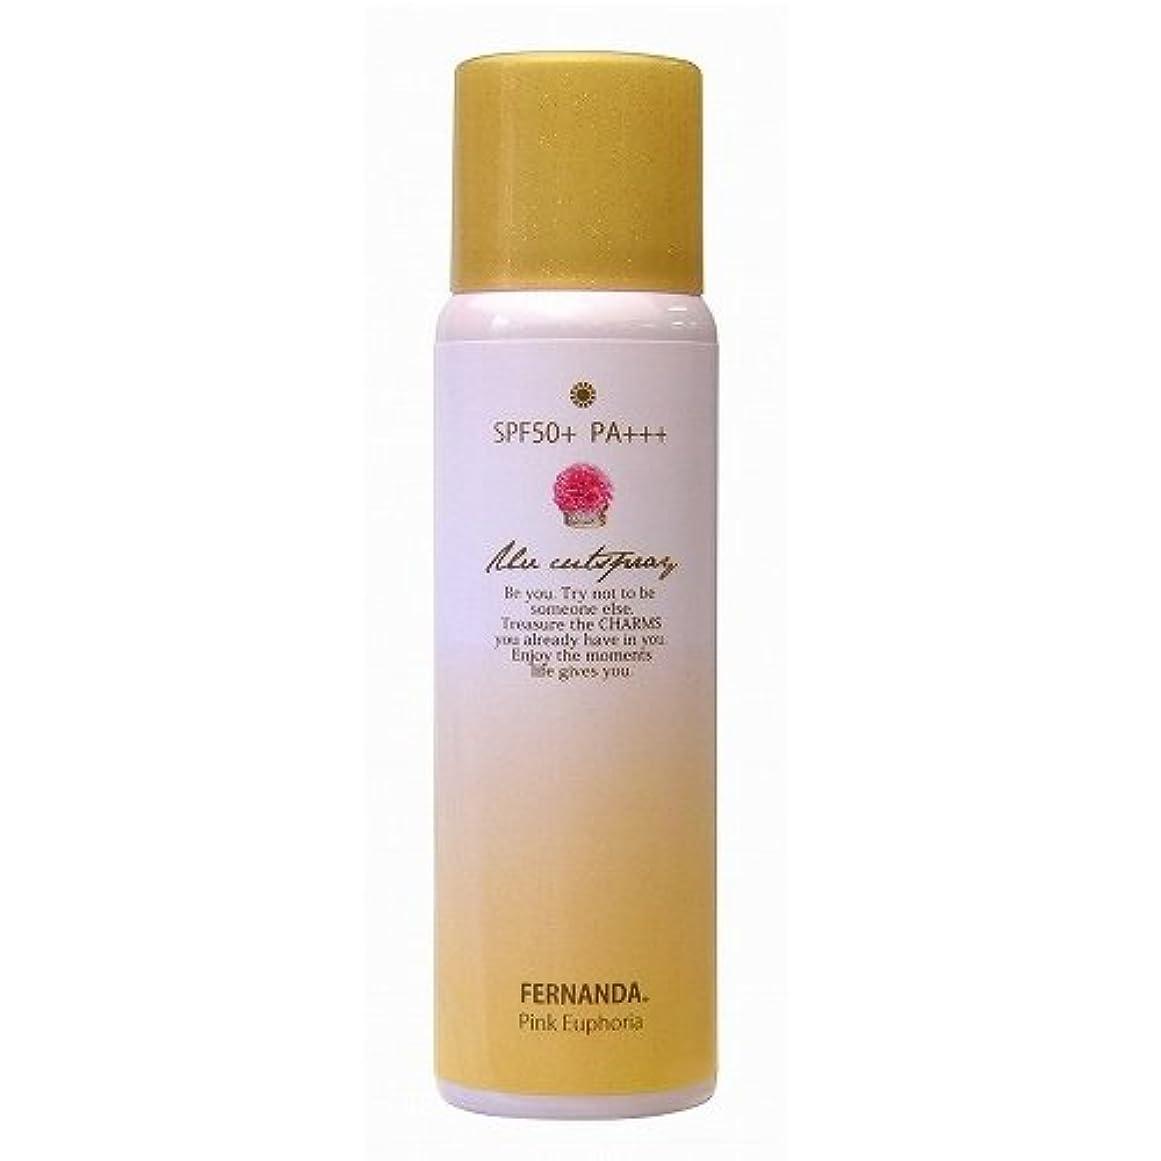 フライカイト変換手配するFERNANDA(フェルナンダ) UV CUT Spray Pink Euphoria〈SPF50+ PA+++〉 (UVカット スプレー ピンクエウフォリア)